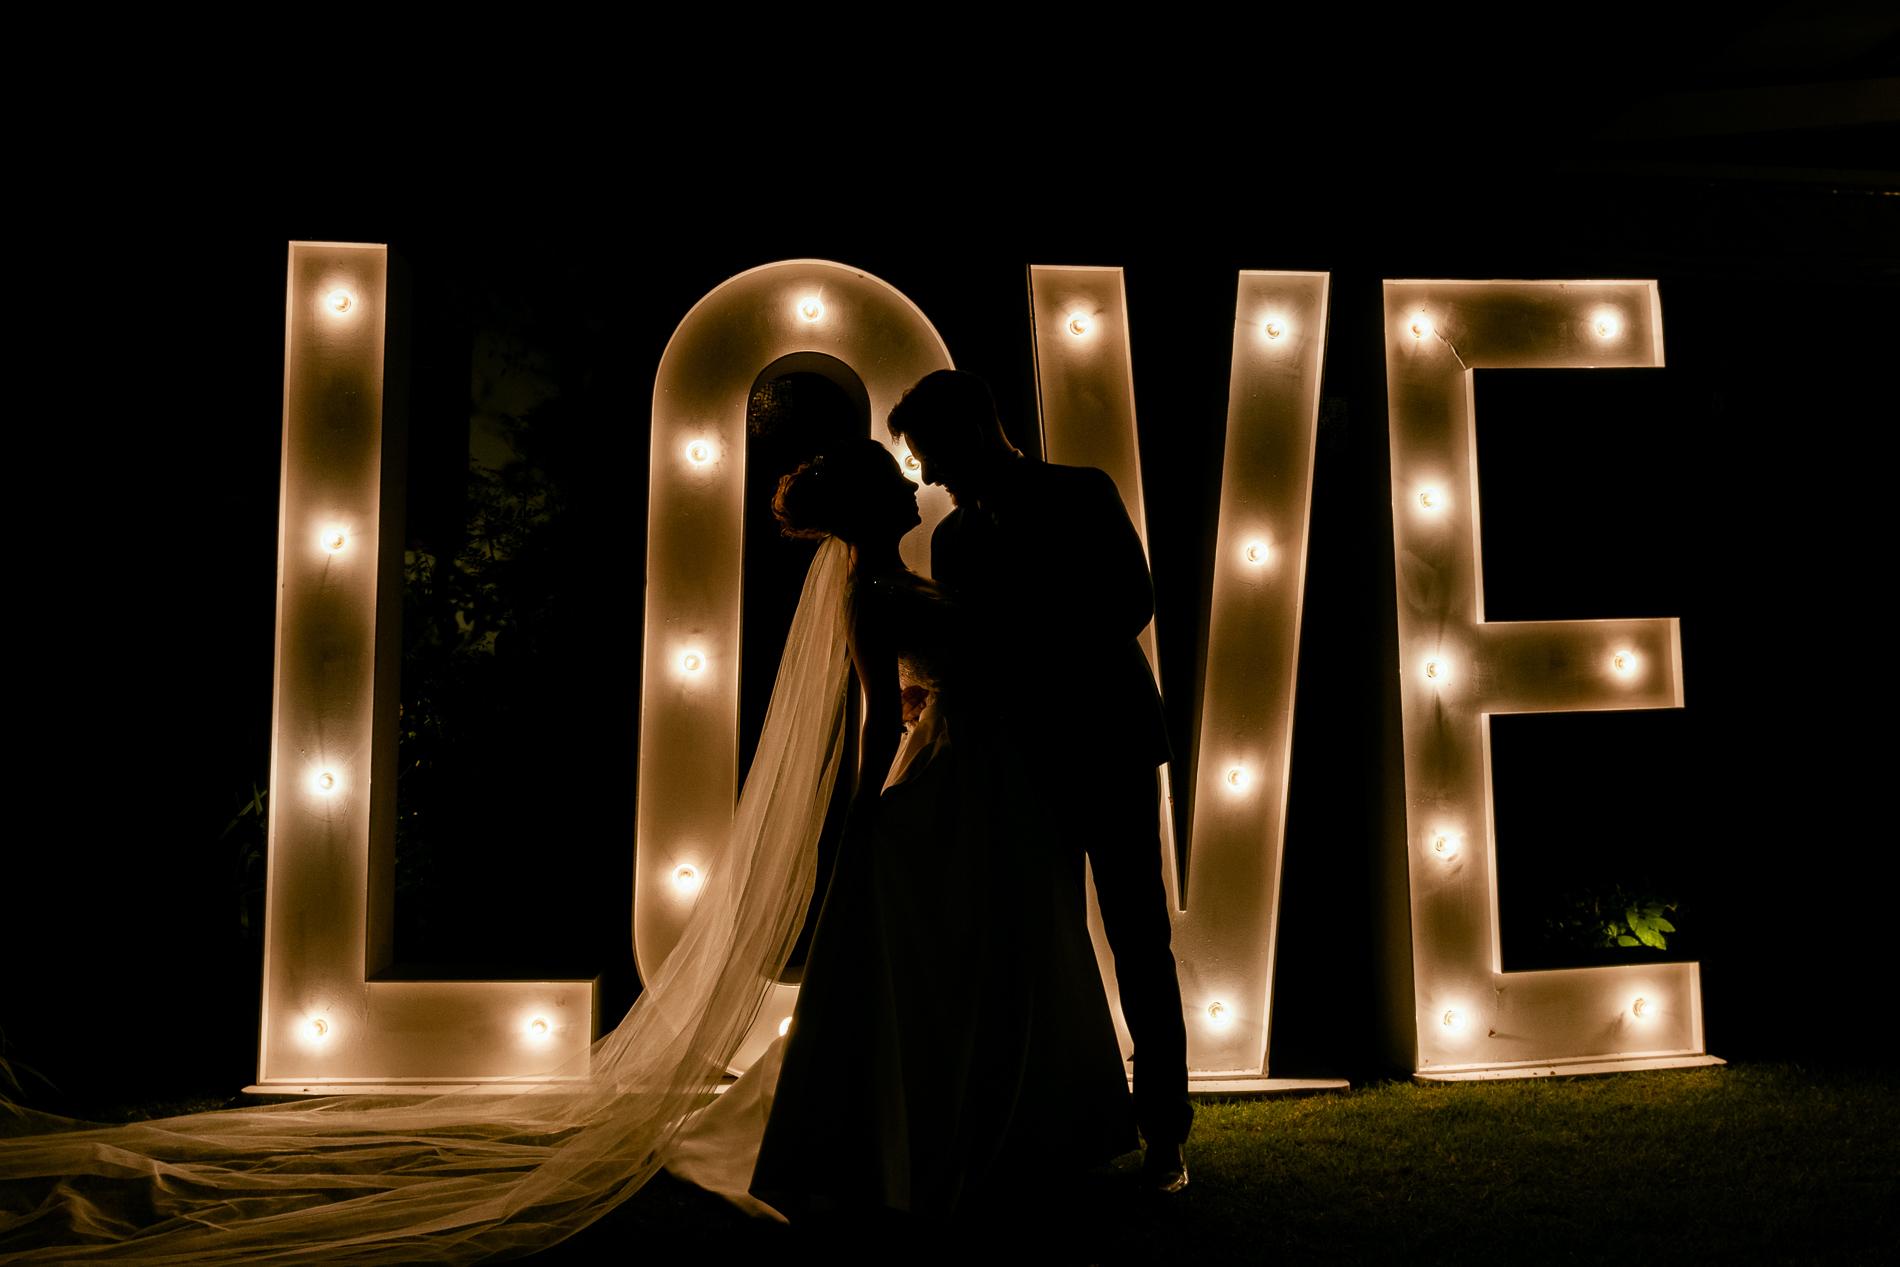 Contate Fotógrafo de Casamento em Jundiaí | Fernando Ramos Fotografia. Fotografia de casamento em Jundiaí, São Paulo, Campinas e Região.